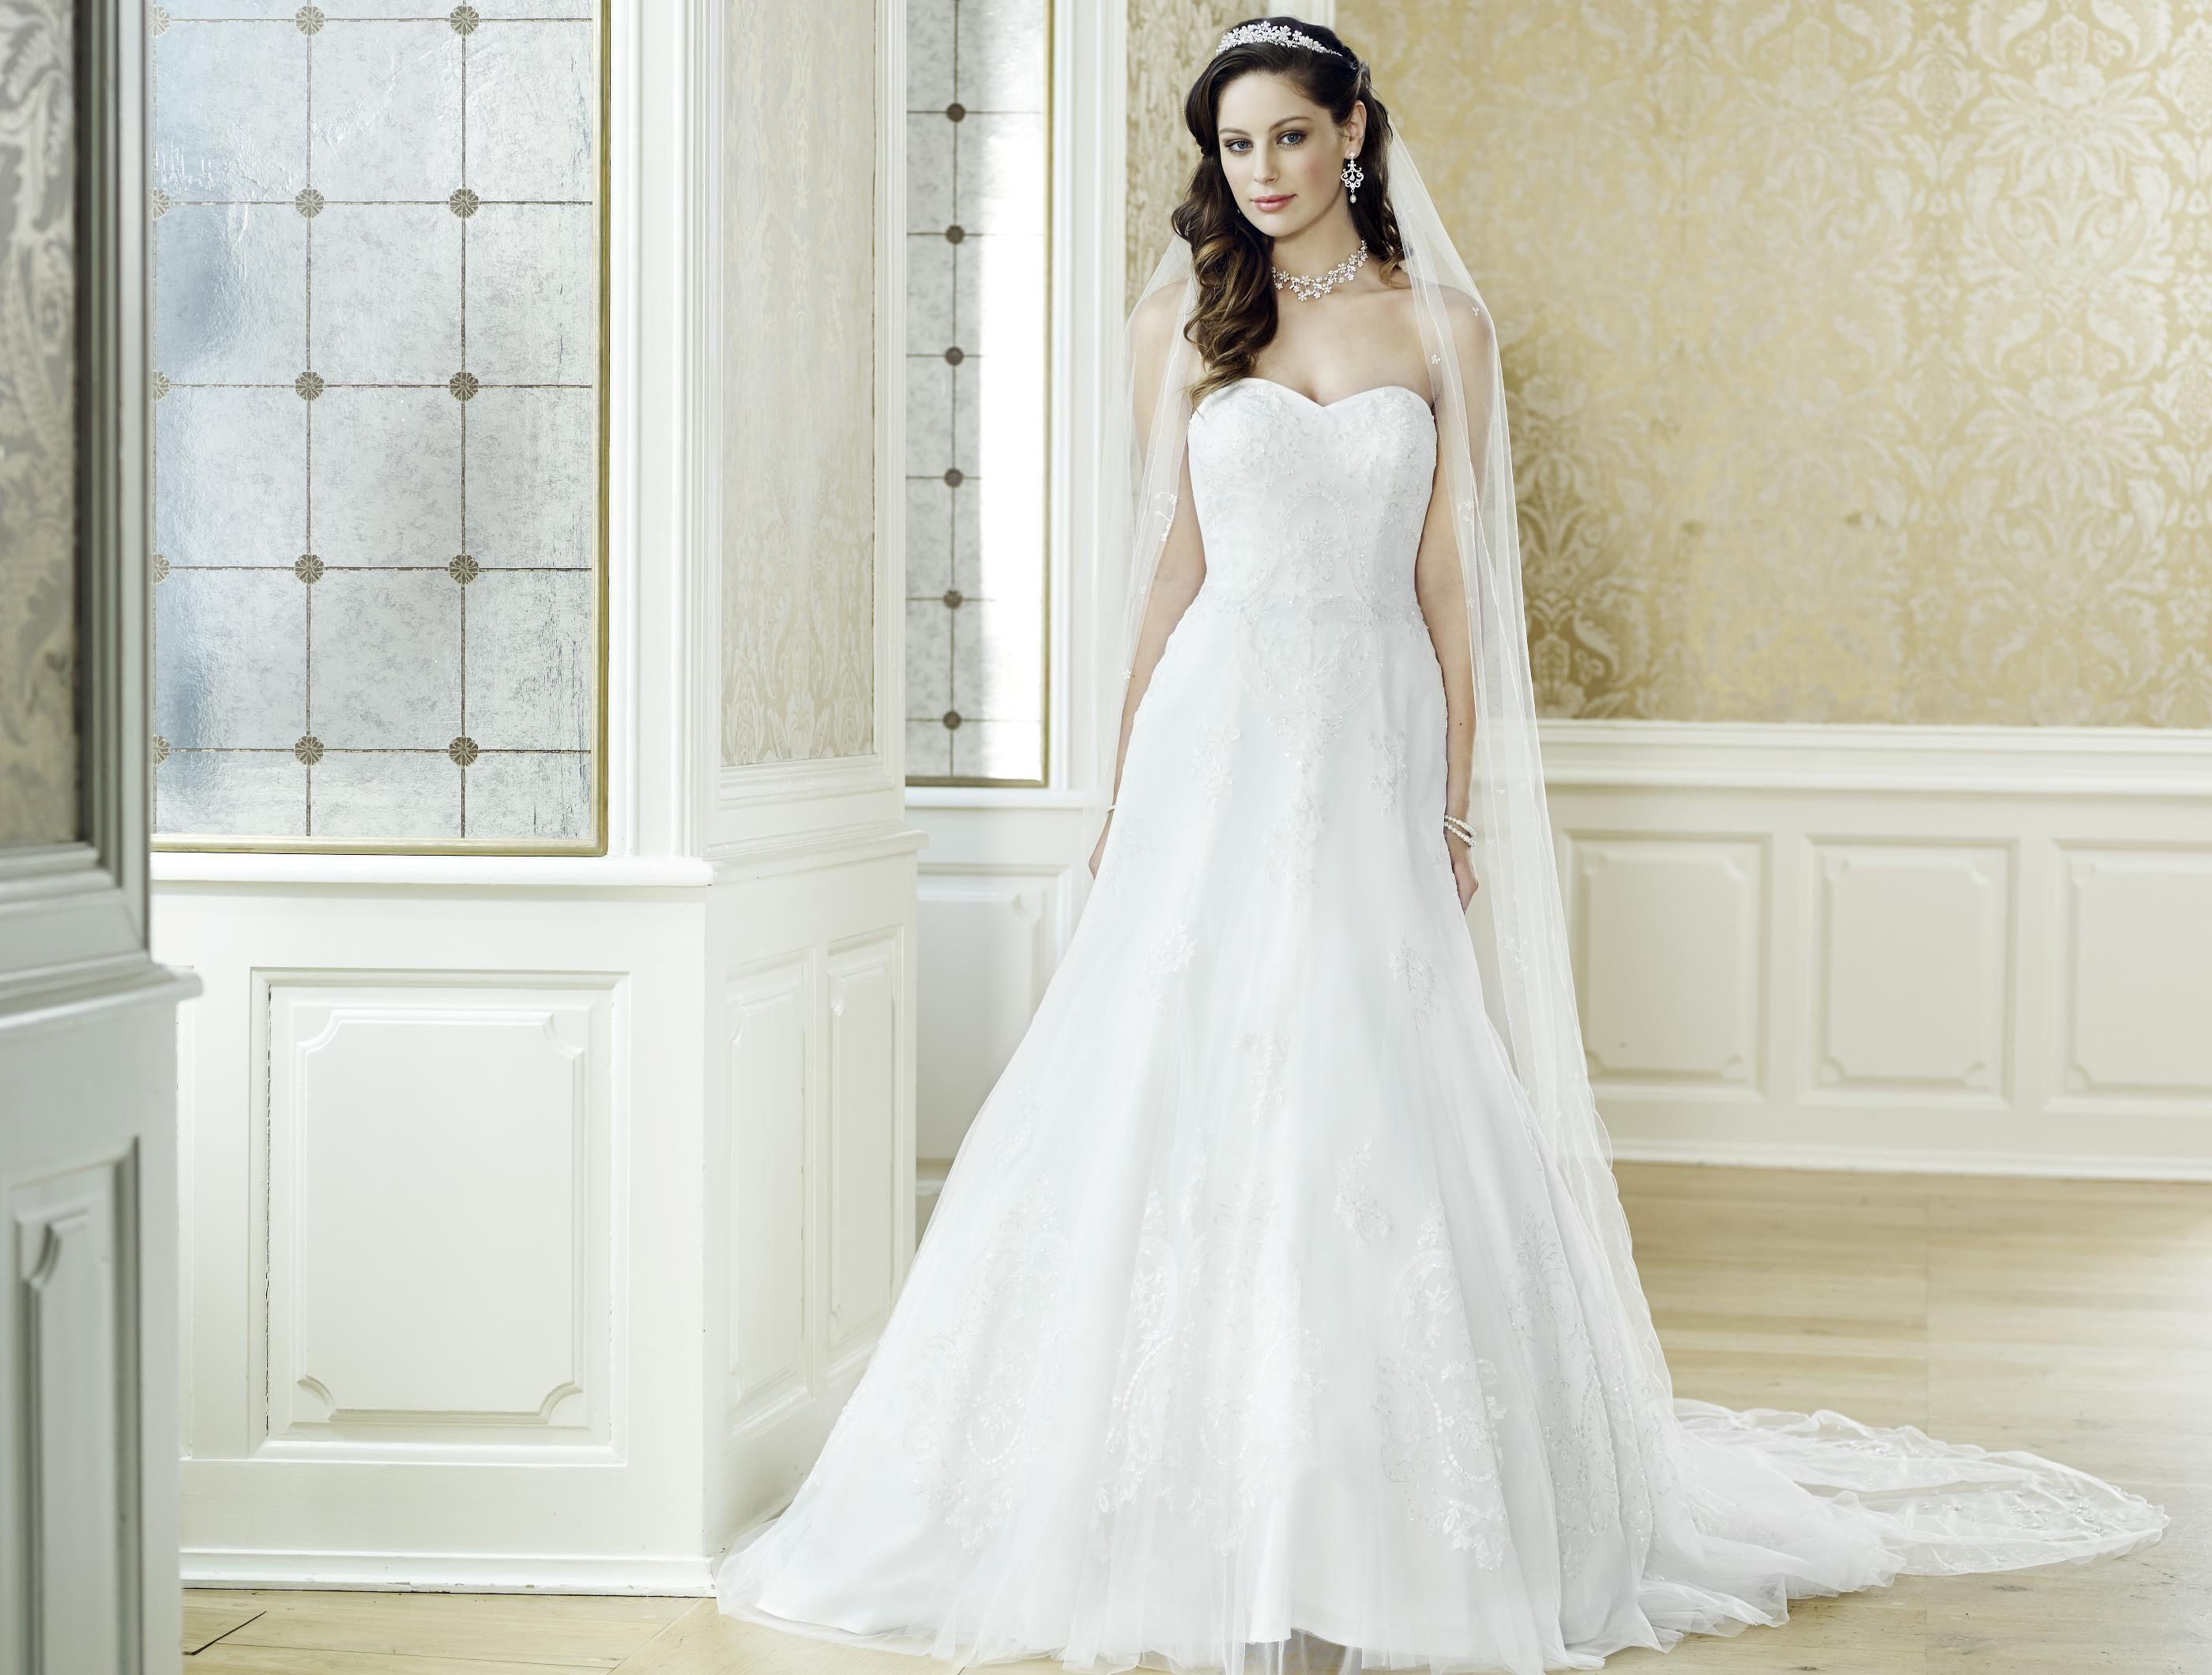 lilly hochzeitskleider 5 besten | Wedding dress and Weddings